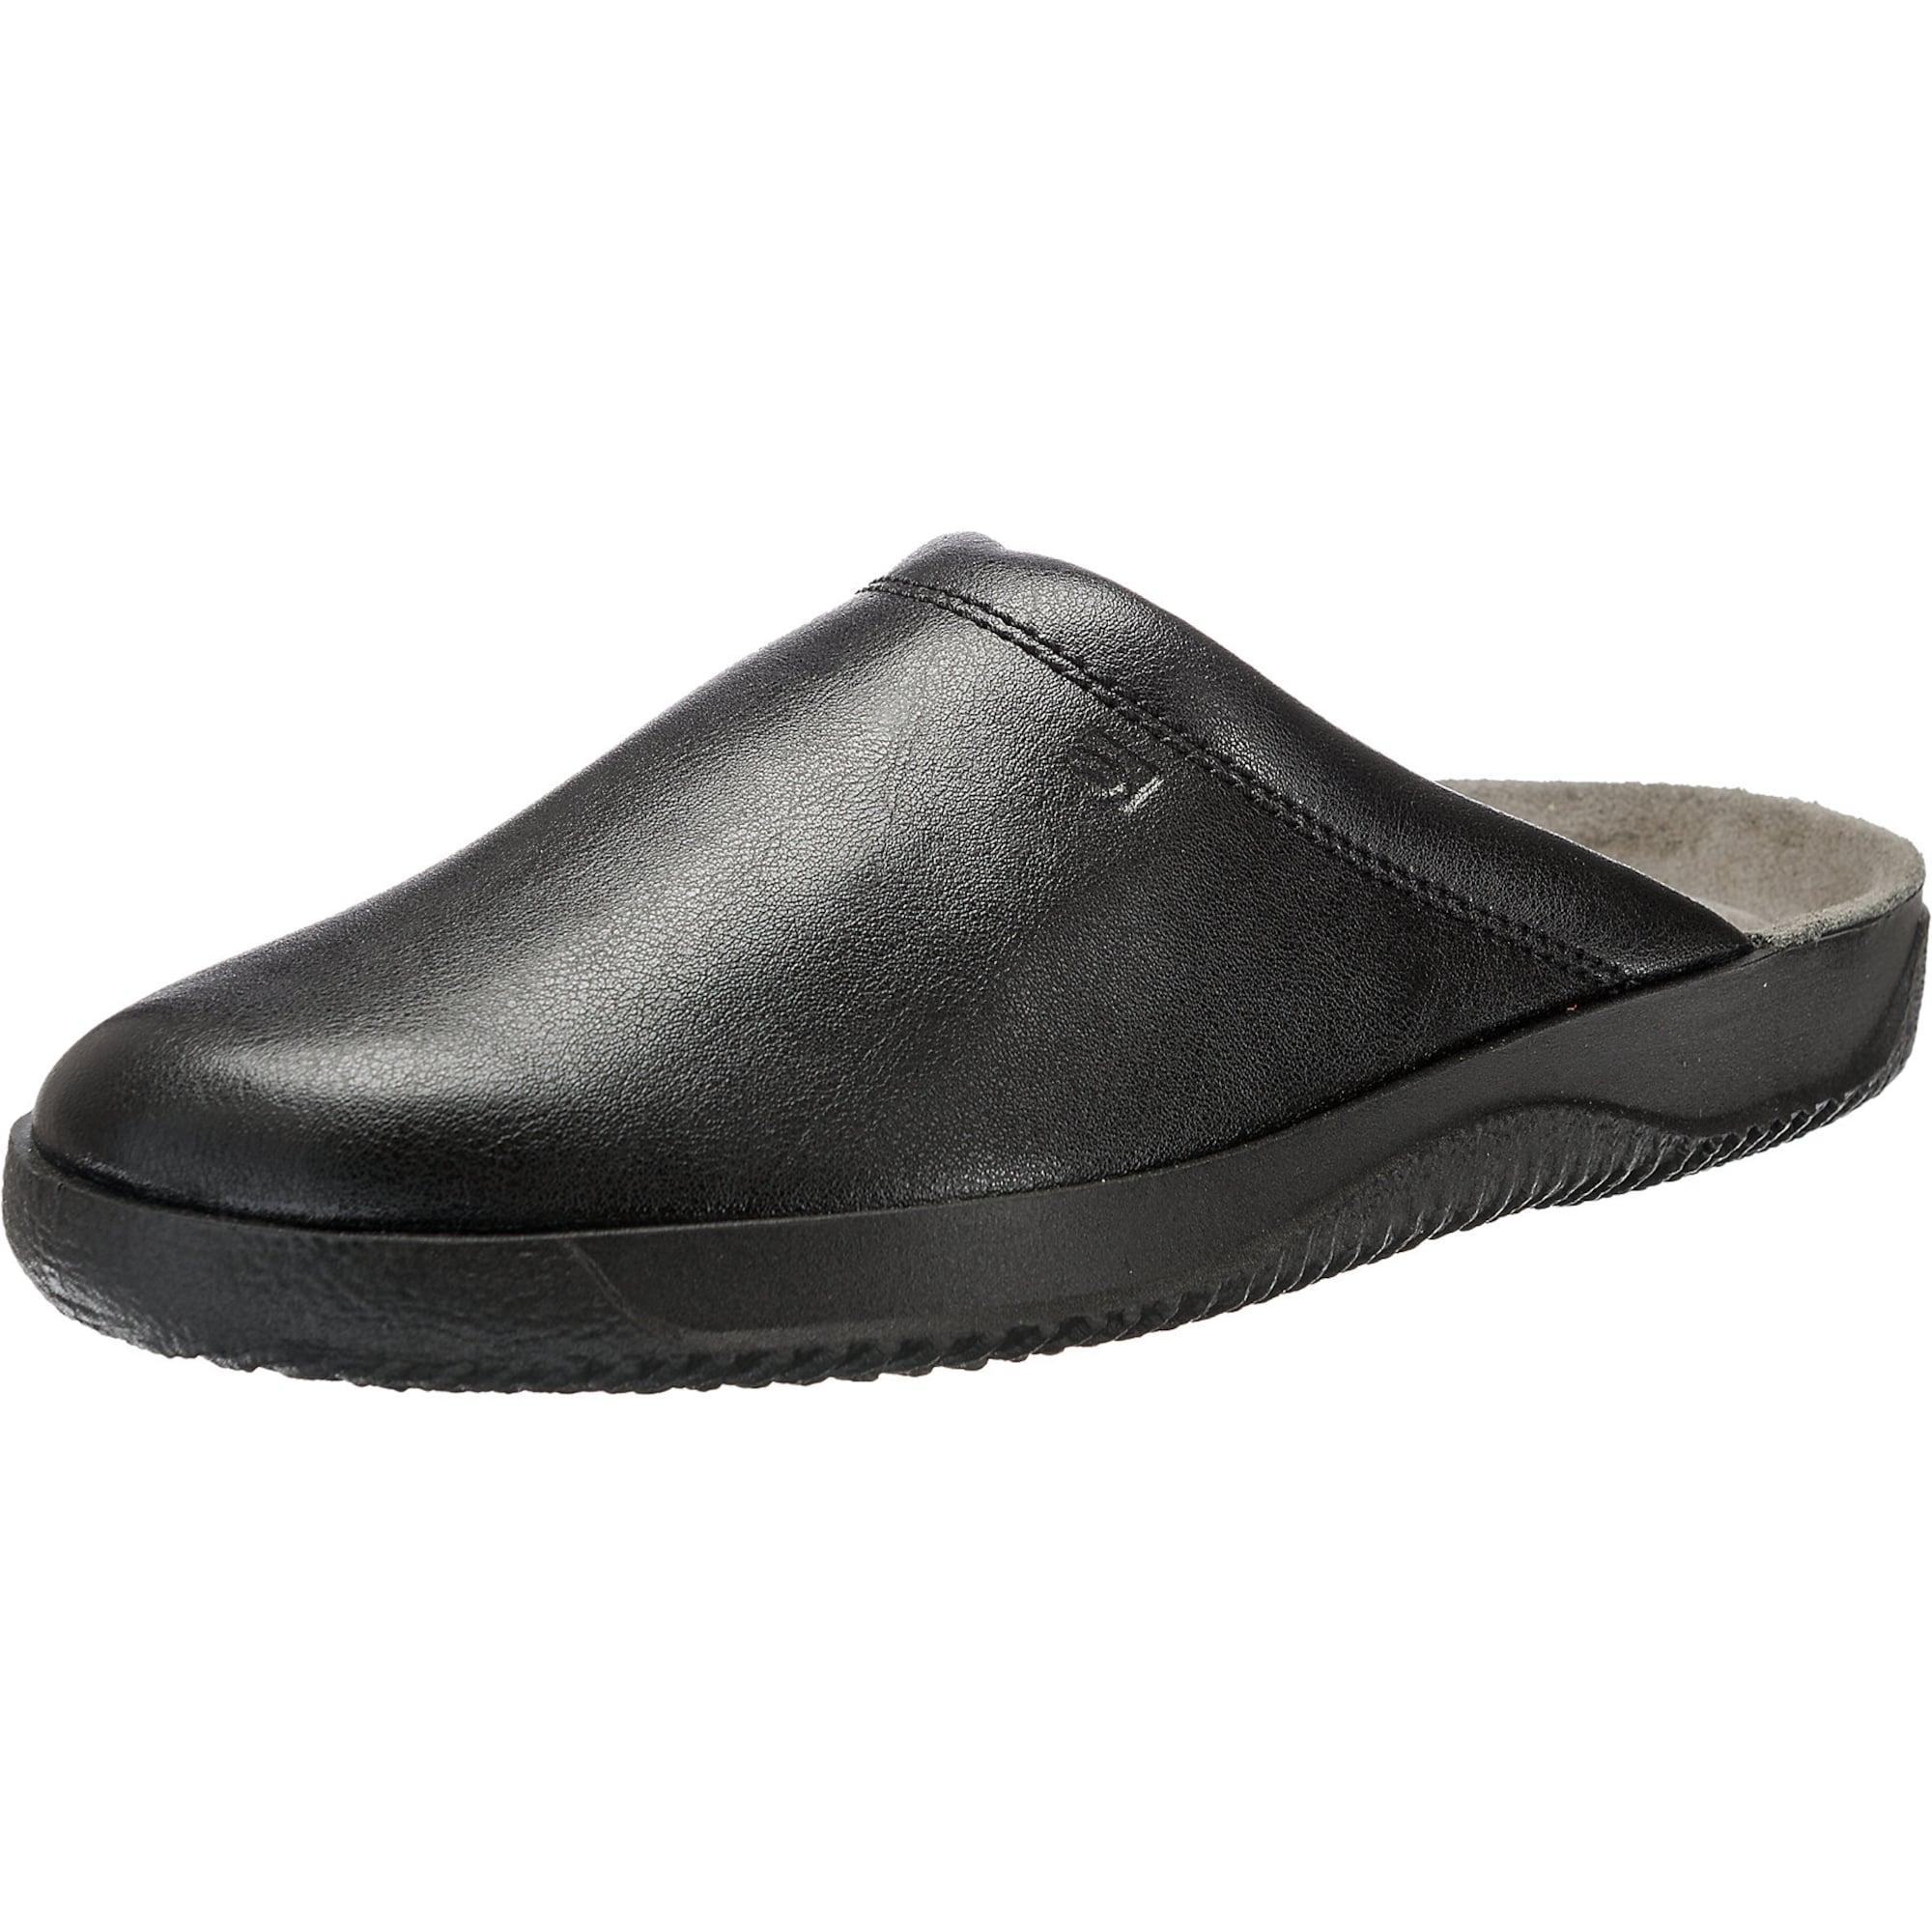 Pantoffeln 'Triest' | Schuhe > Hausschuhe | ROHDE